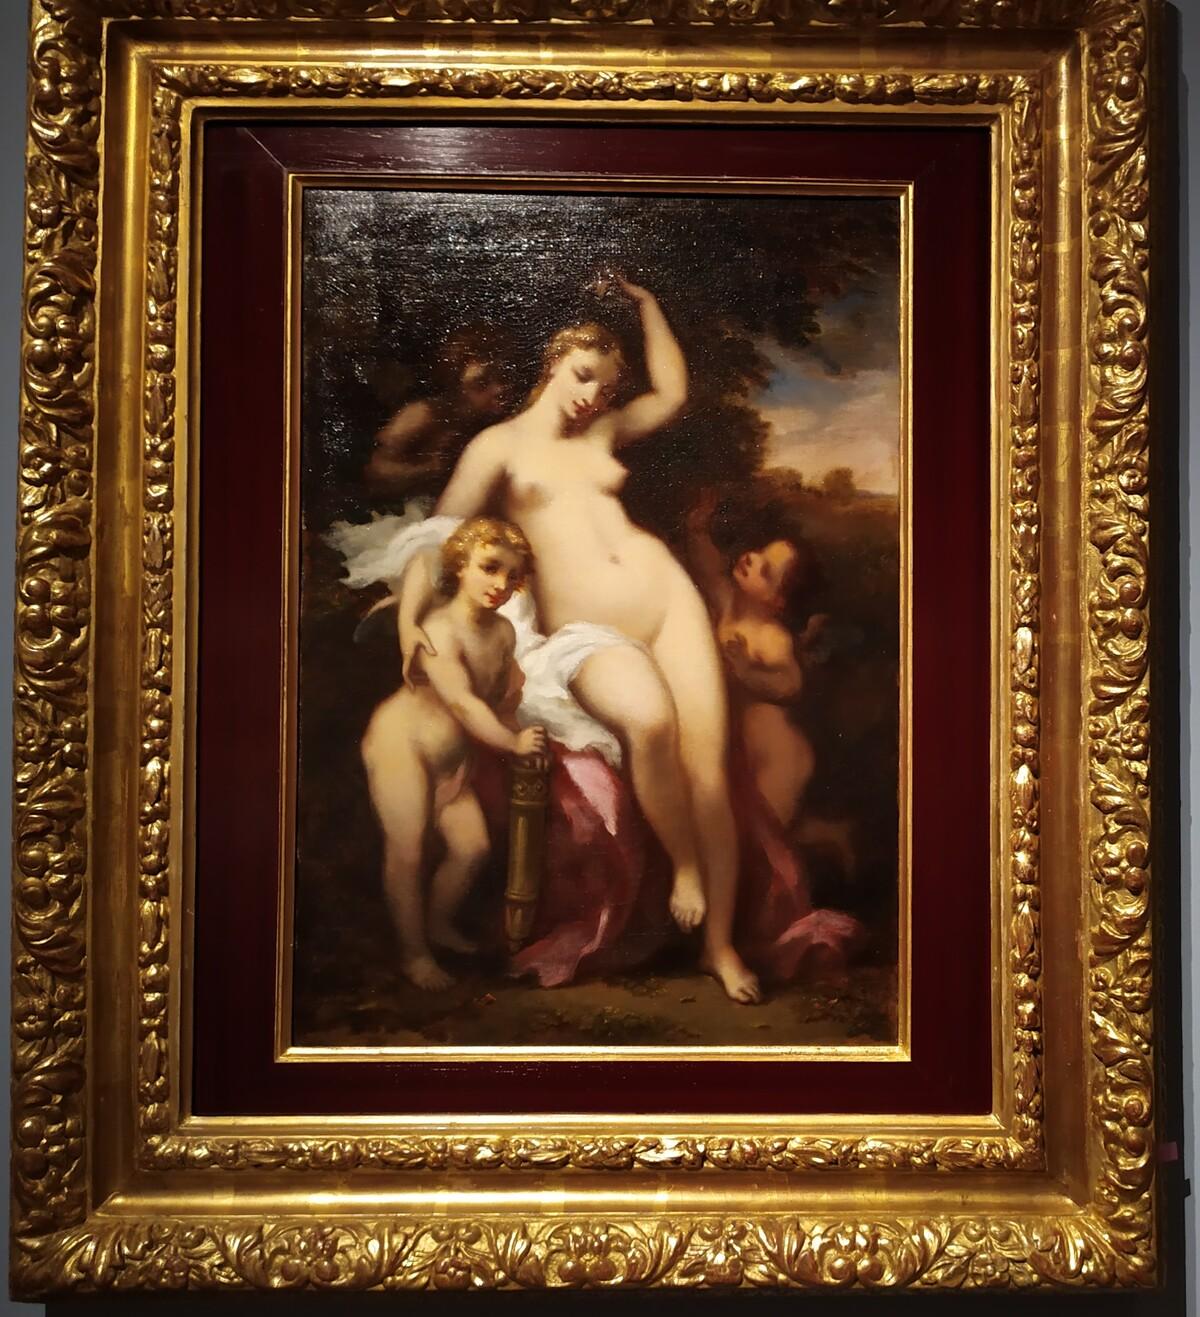 Narcisse Virgile Diaz De La Pena, L'Innocence tentèe par trois Amours, 1867